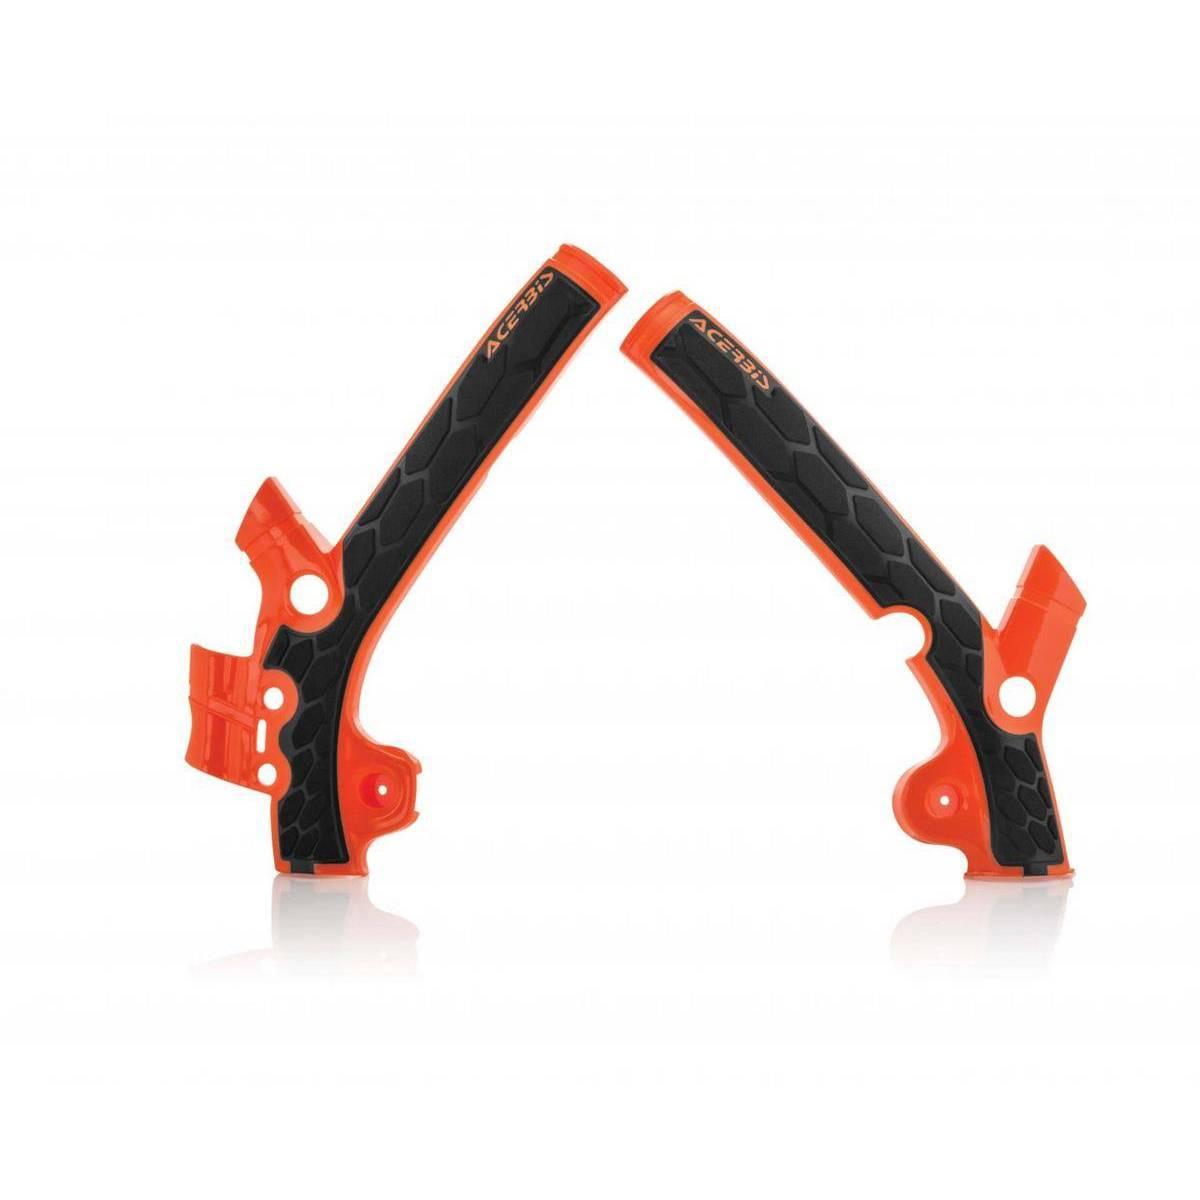 0021869-011 - Cubrechasis Acerbis Ktm Sx85 13 17 Naranja Negro